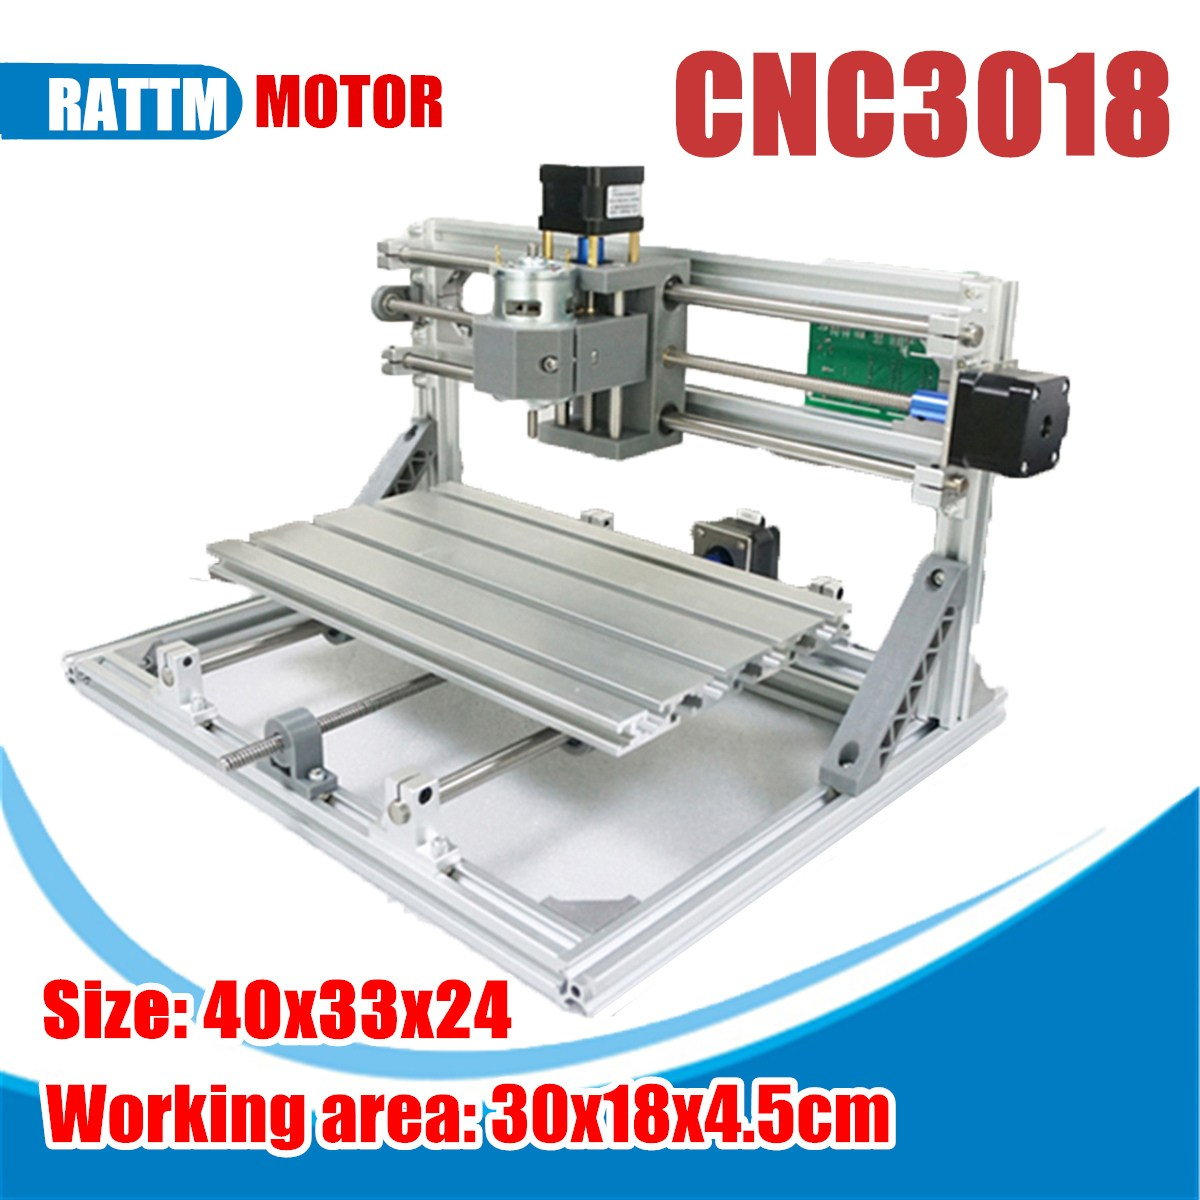 3 axes CNC 3018 GRBL contrôle bricolage Mini CNC routeur Laser Machine Pcb Pvc fraisage bois routeur bois routeur Laser gravure